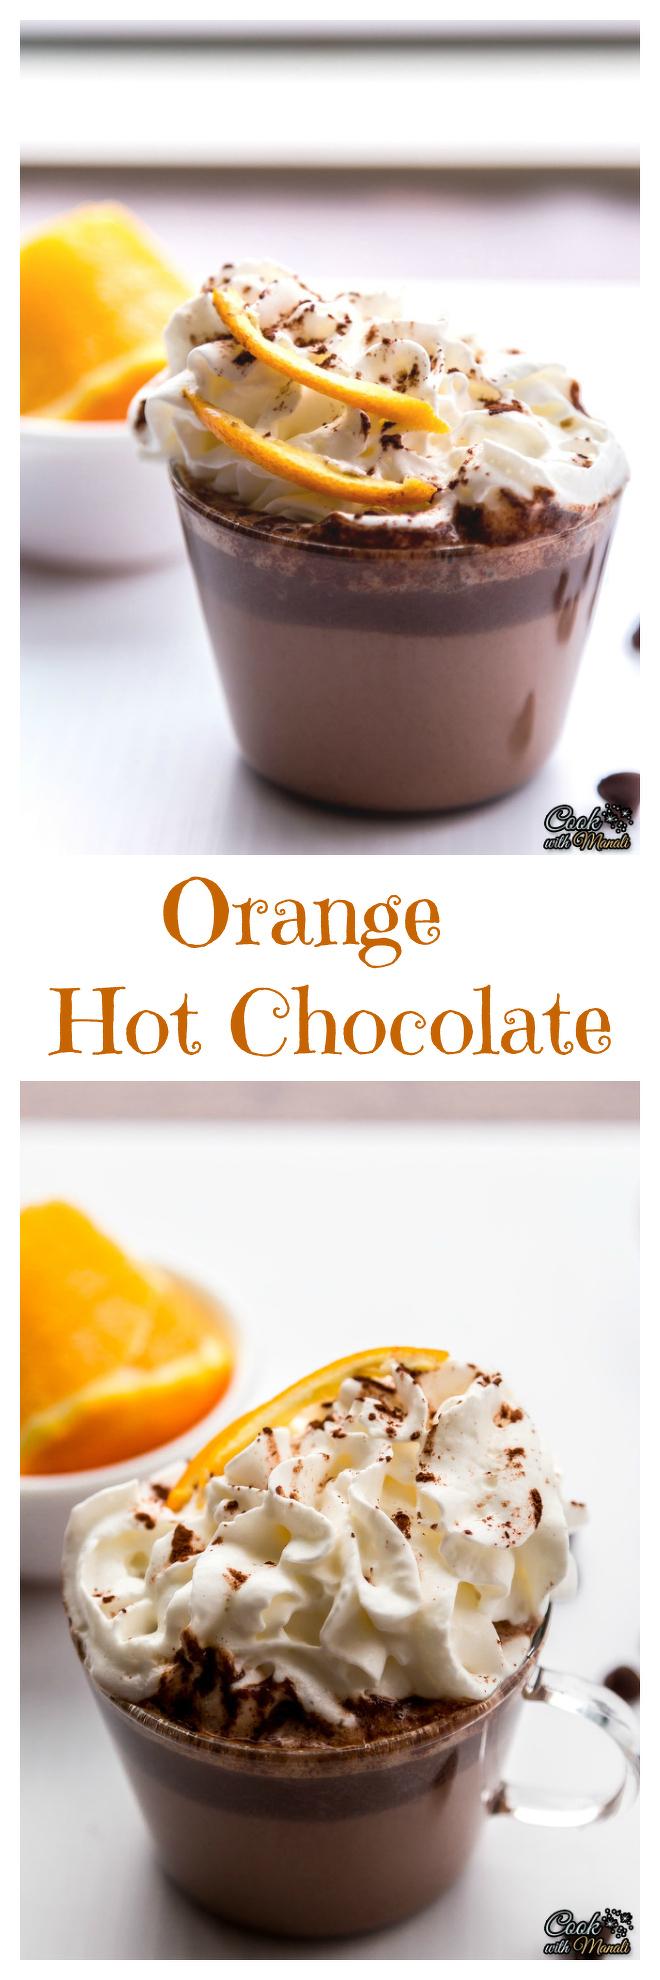 Orange Hot Chocolate Collage-nocwm